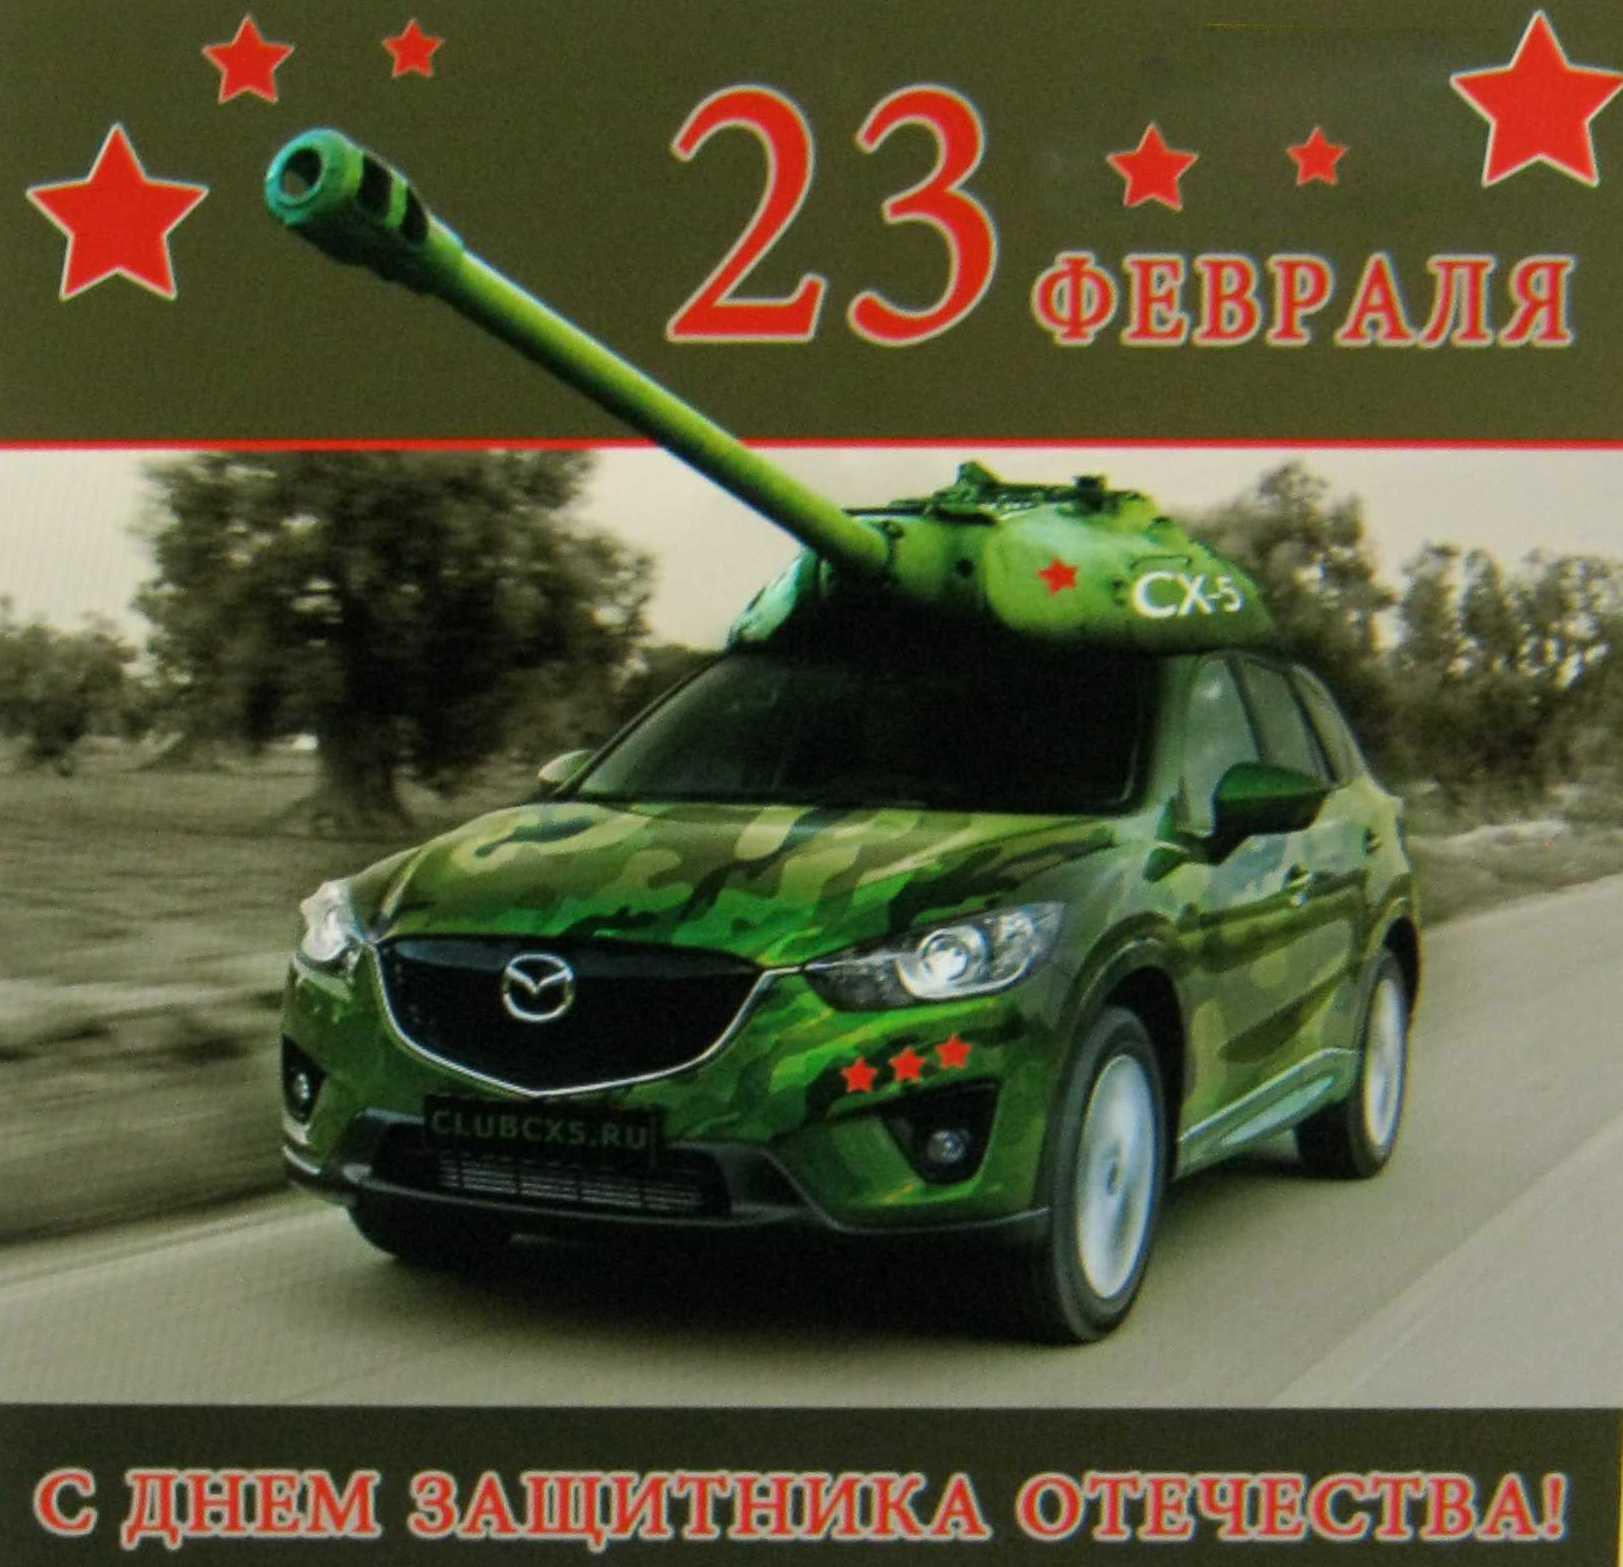 Поздравления с 23 февраля водителей